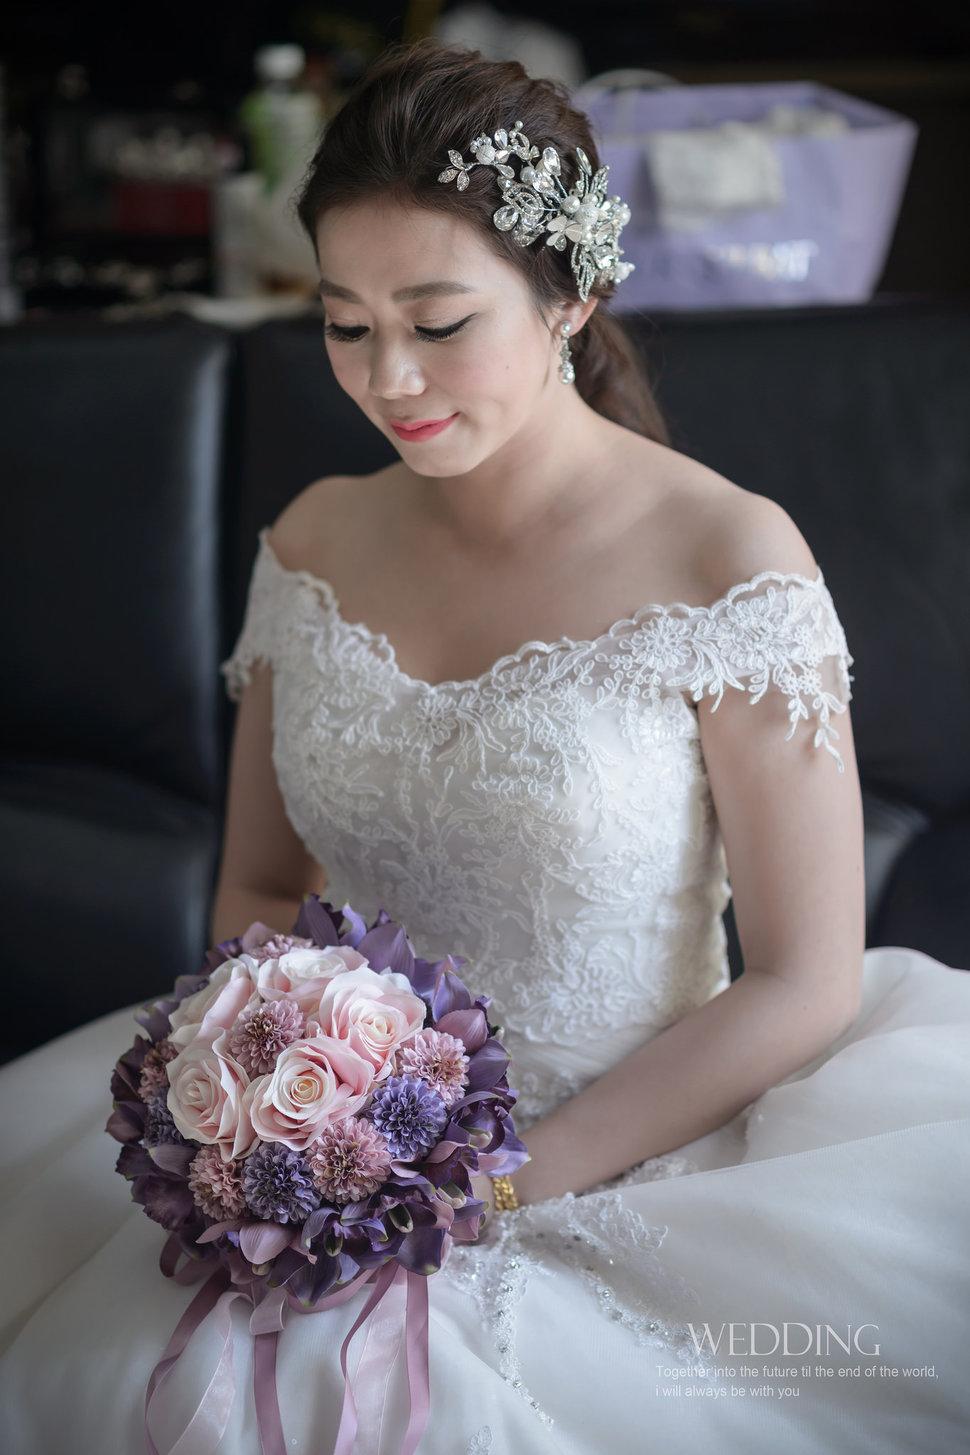 婚禮紀錄精選特輯(編號:423923) - J&E Image Studio - 結婚吧